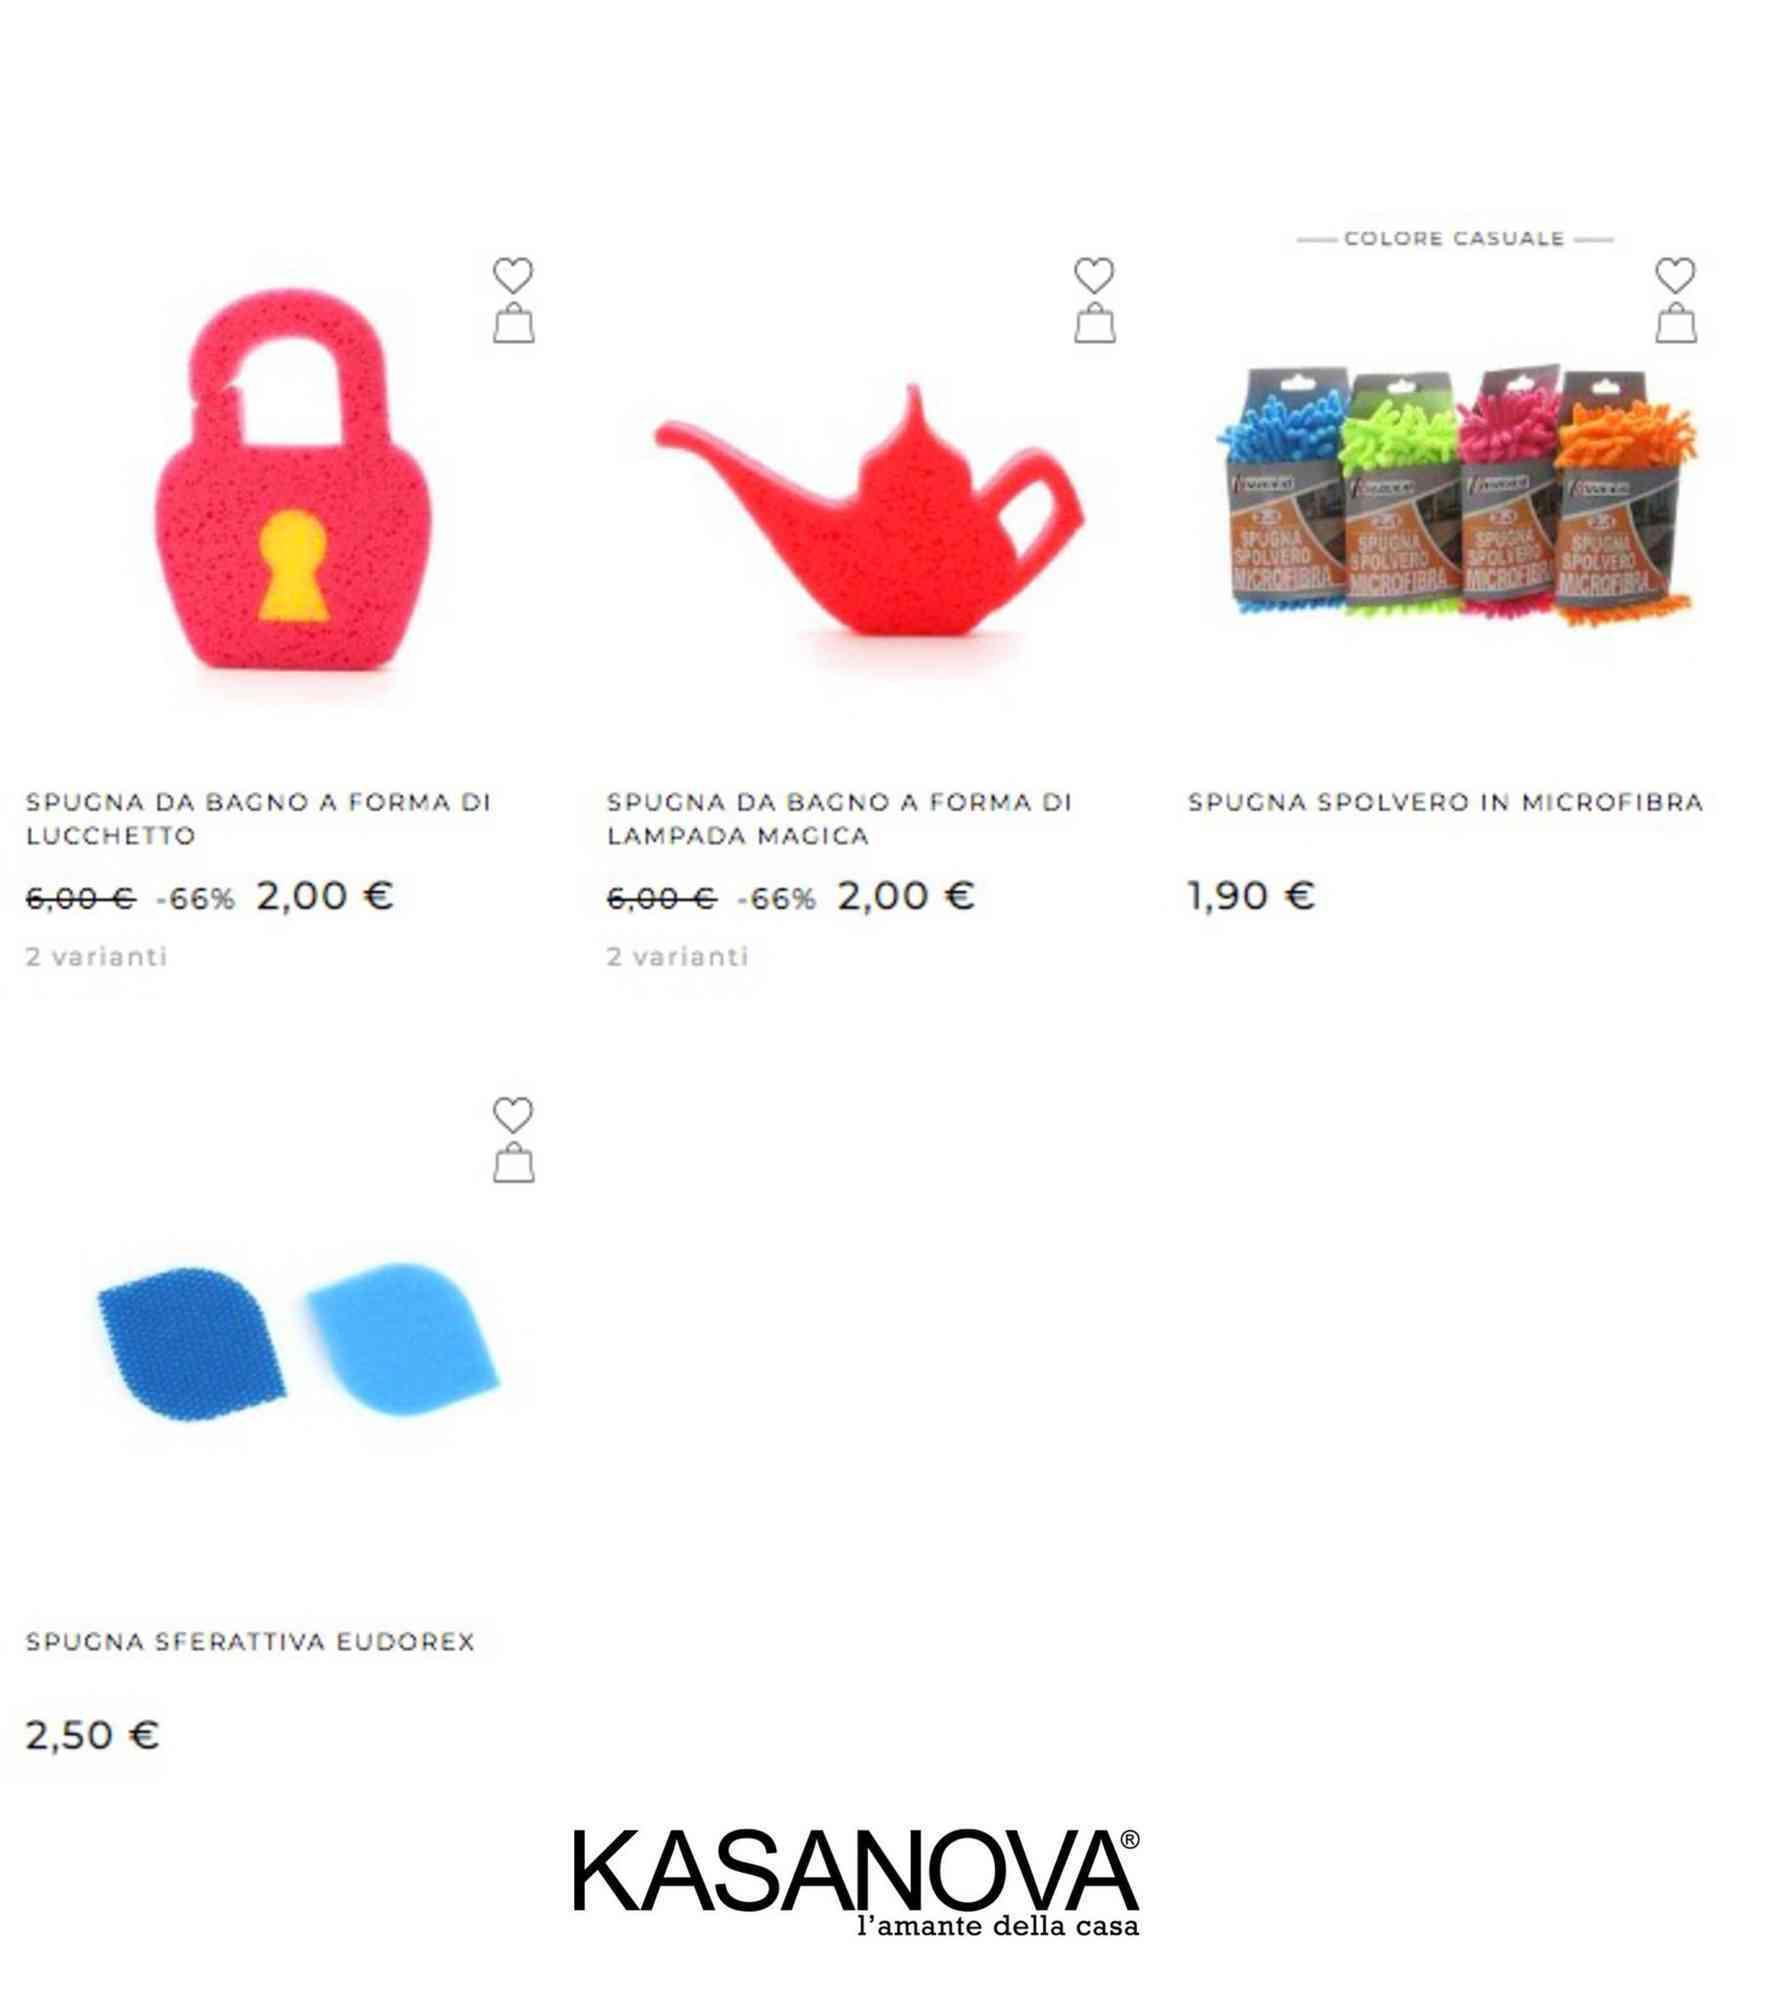 Negozi Di Lampadari A Salerno offerte lampadari a benevento nel volantino, prezzi negozio